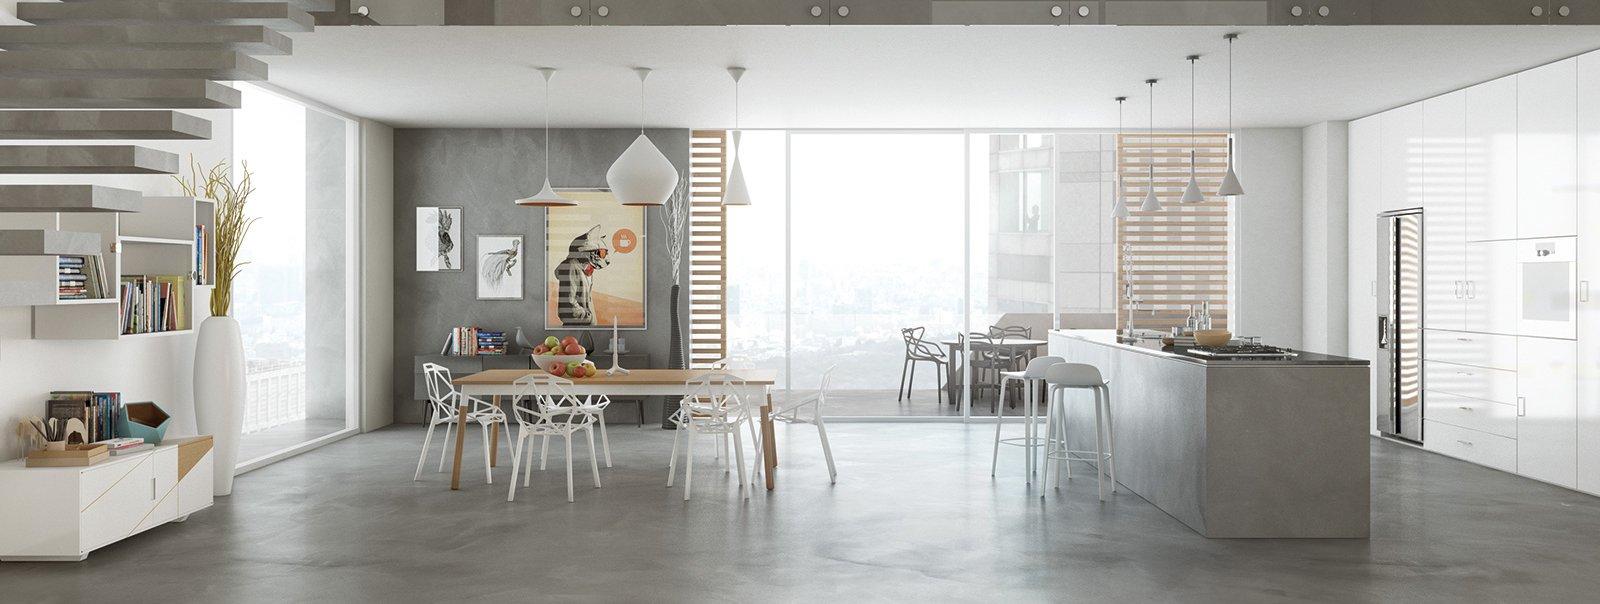 Resina rivestimenti per pavimenti pareti piani di lavoro e soffitti  Cose di Casa